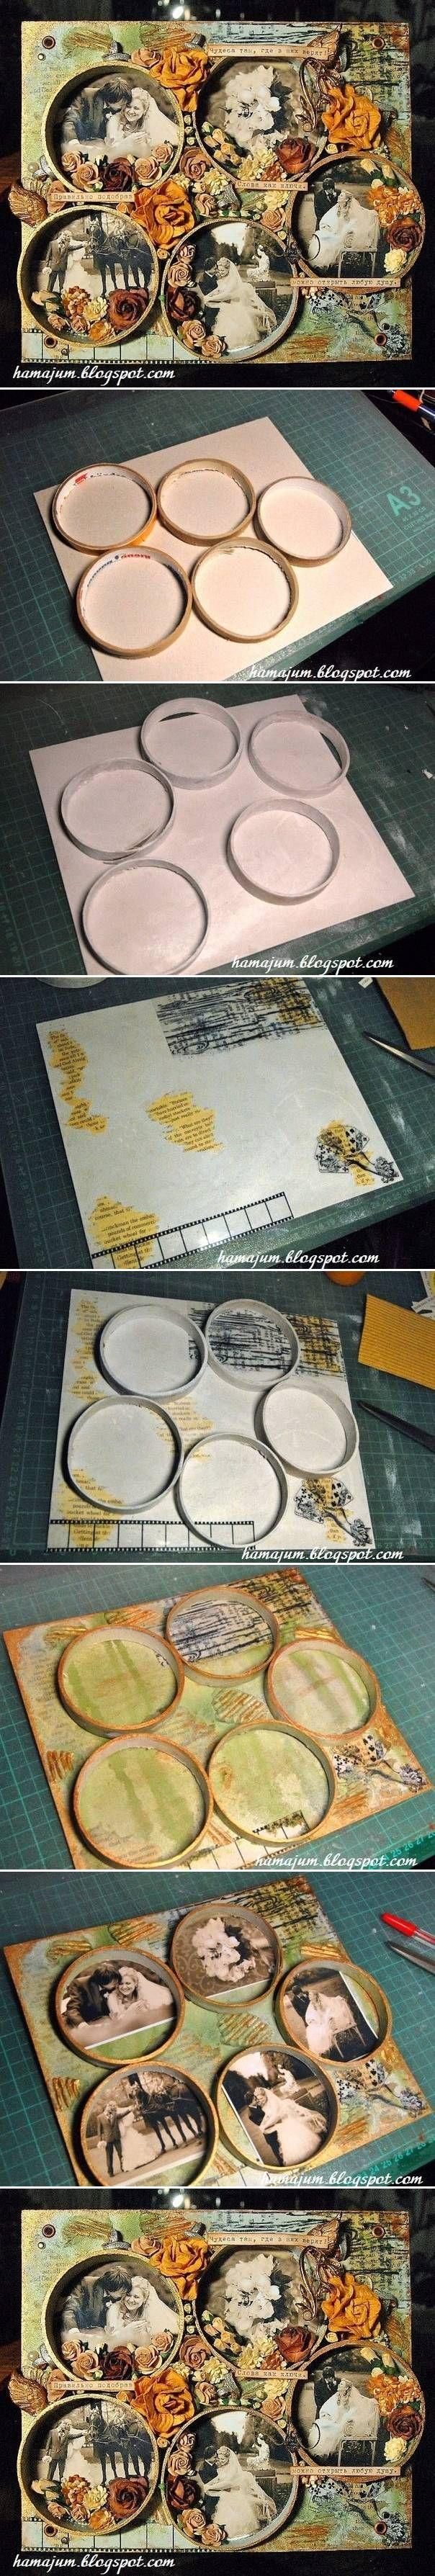 Usar rolo de fita durex vazio, pintar da cor desejada e usar como moldura de foto numa pagina bem interessante